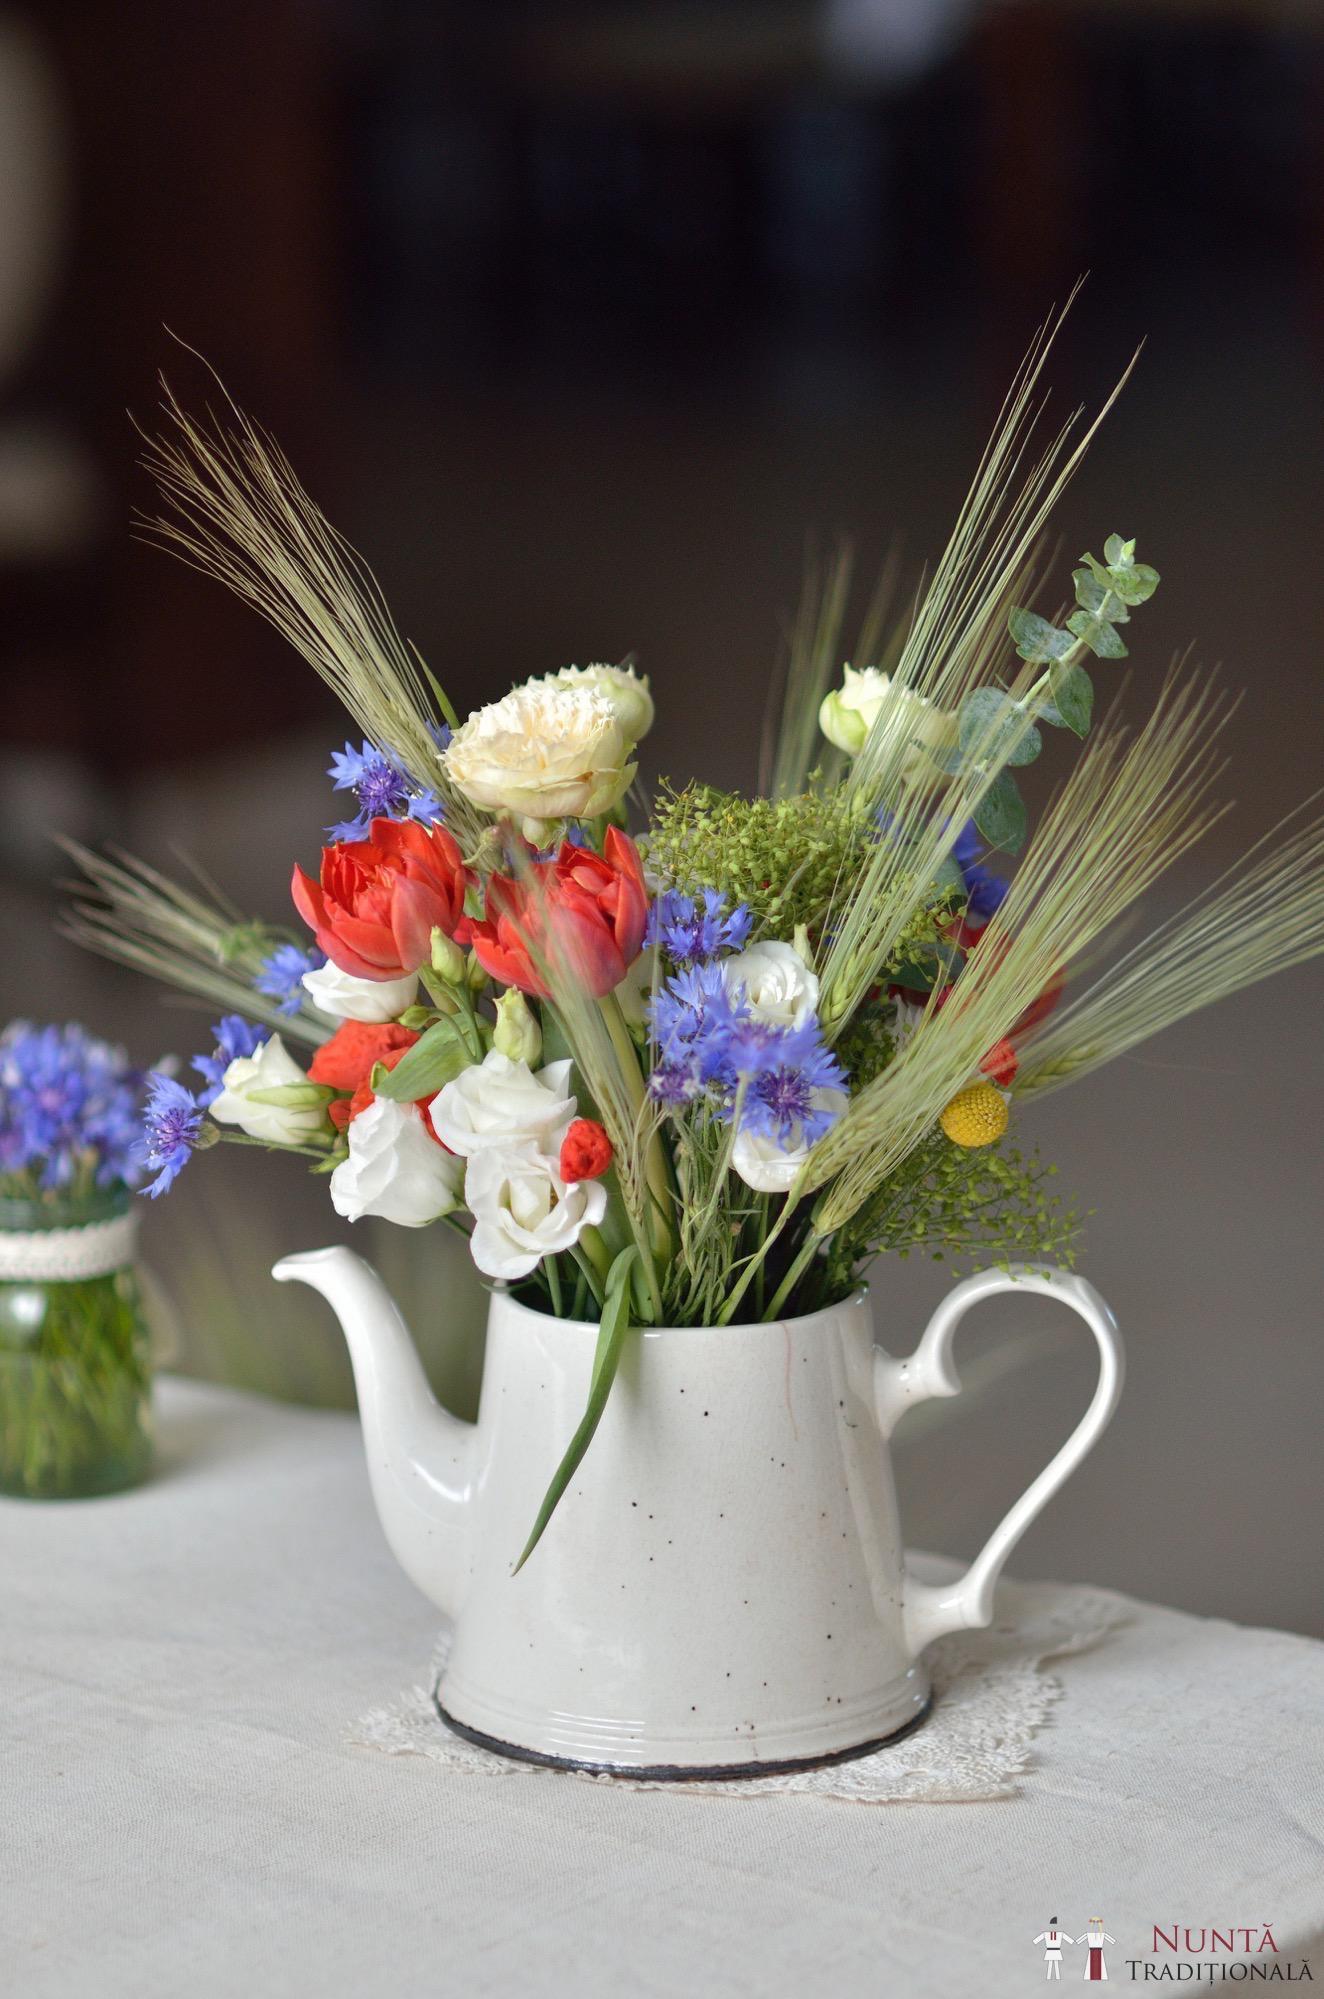 Idei și Sfaturi - Idei decorațiuni și aranjamente florale în stil tradițional